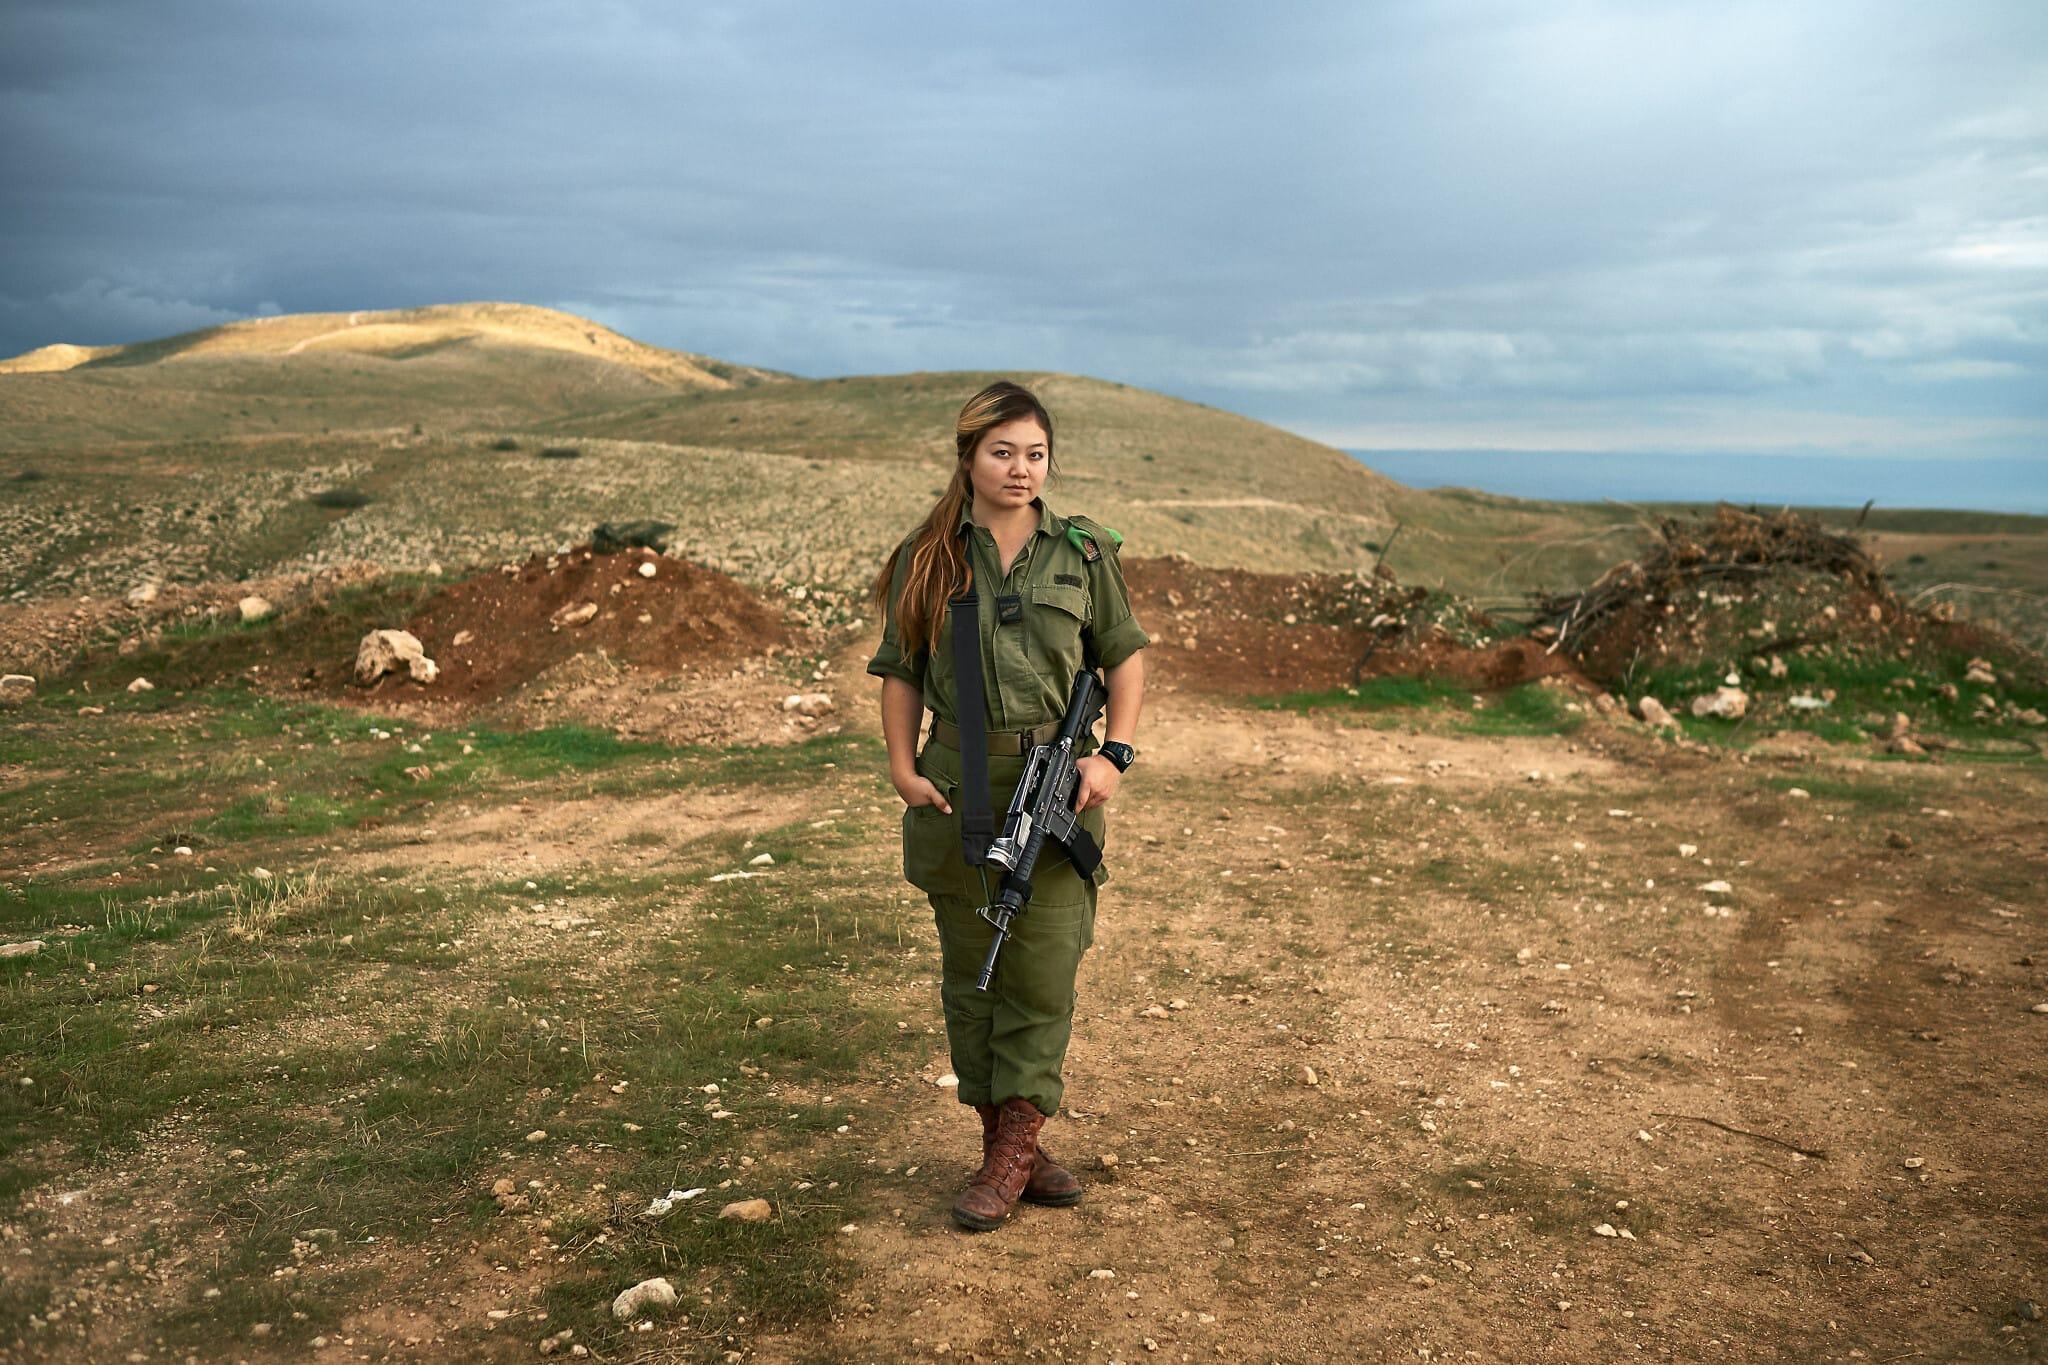 """אמילי, 19, מאוזבקיסטן. חיילת חי""""ר (צילום: ברנט סלומוביץ')"""